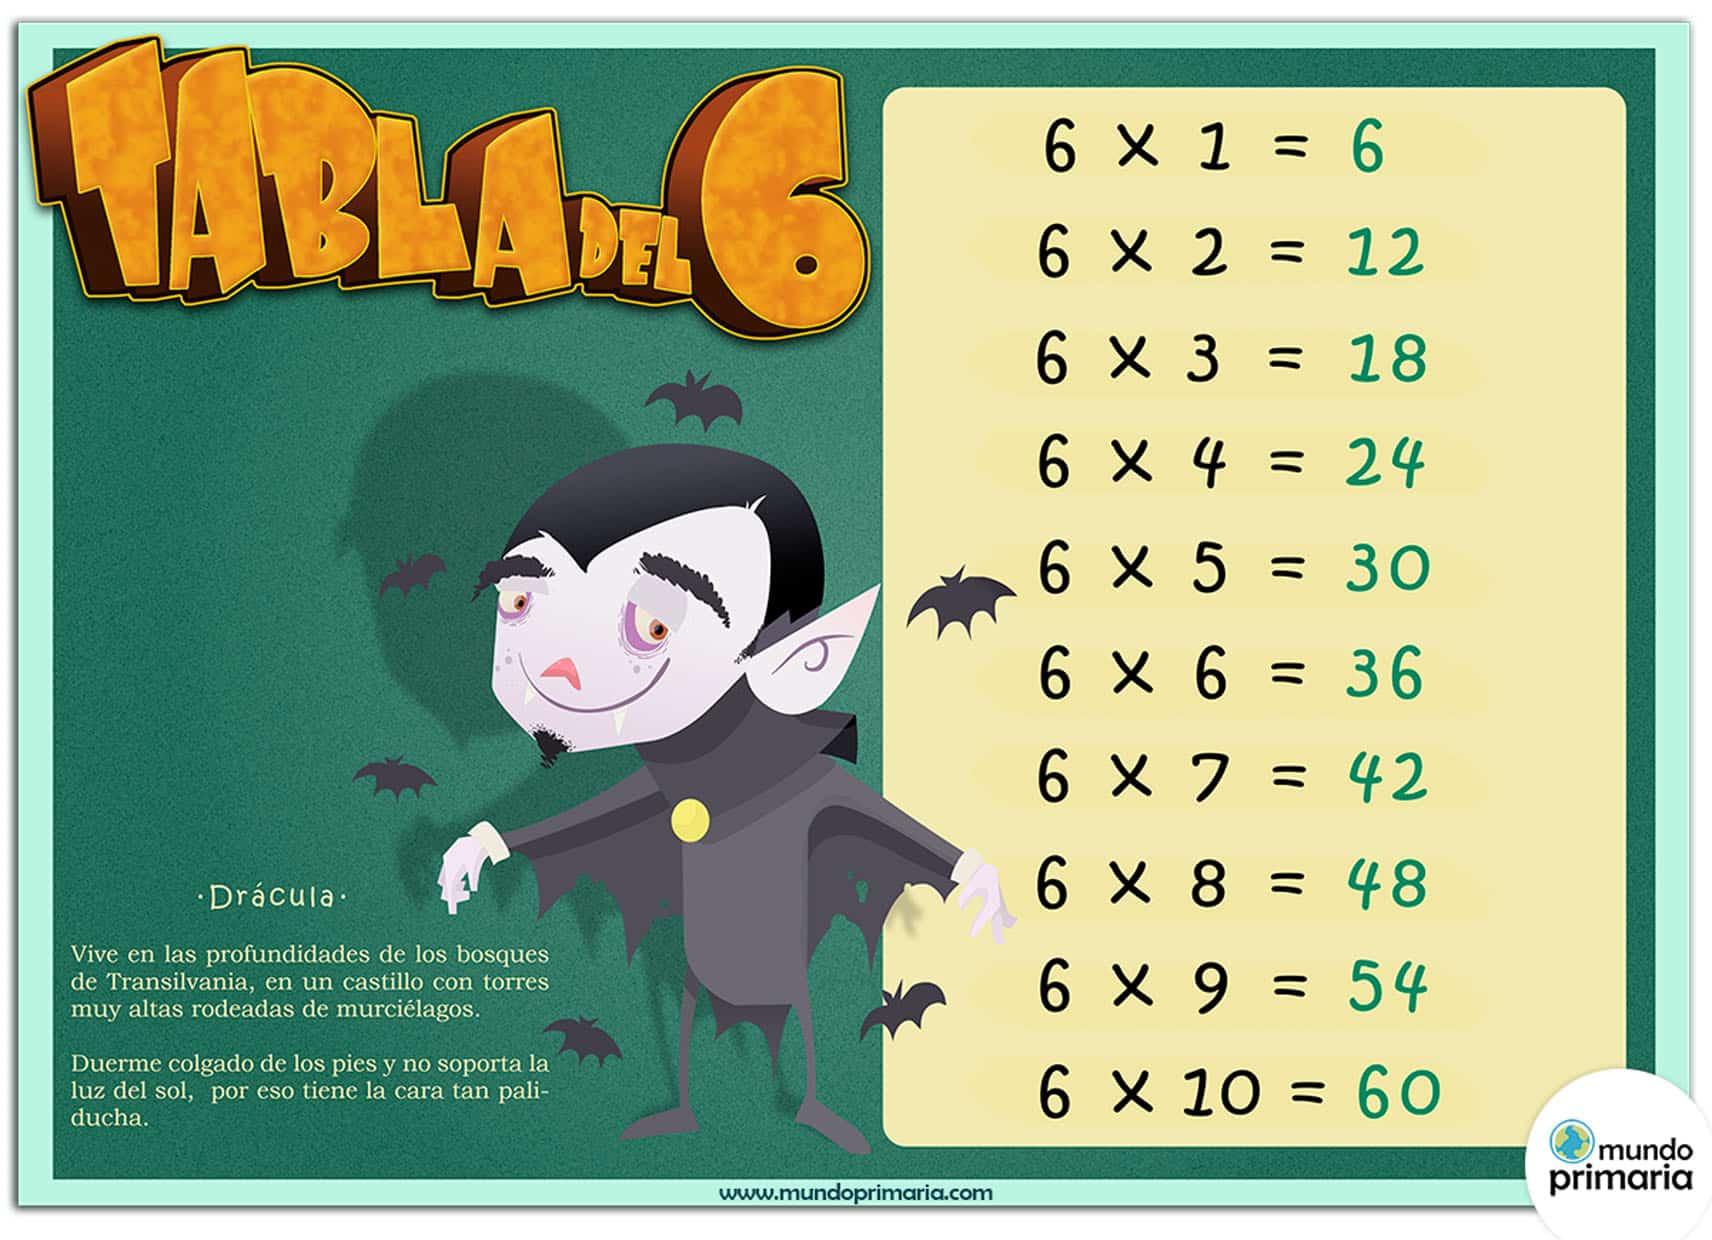 Dracula tabla del seis